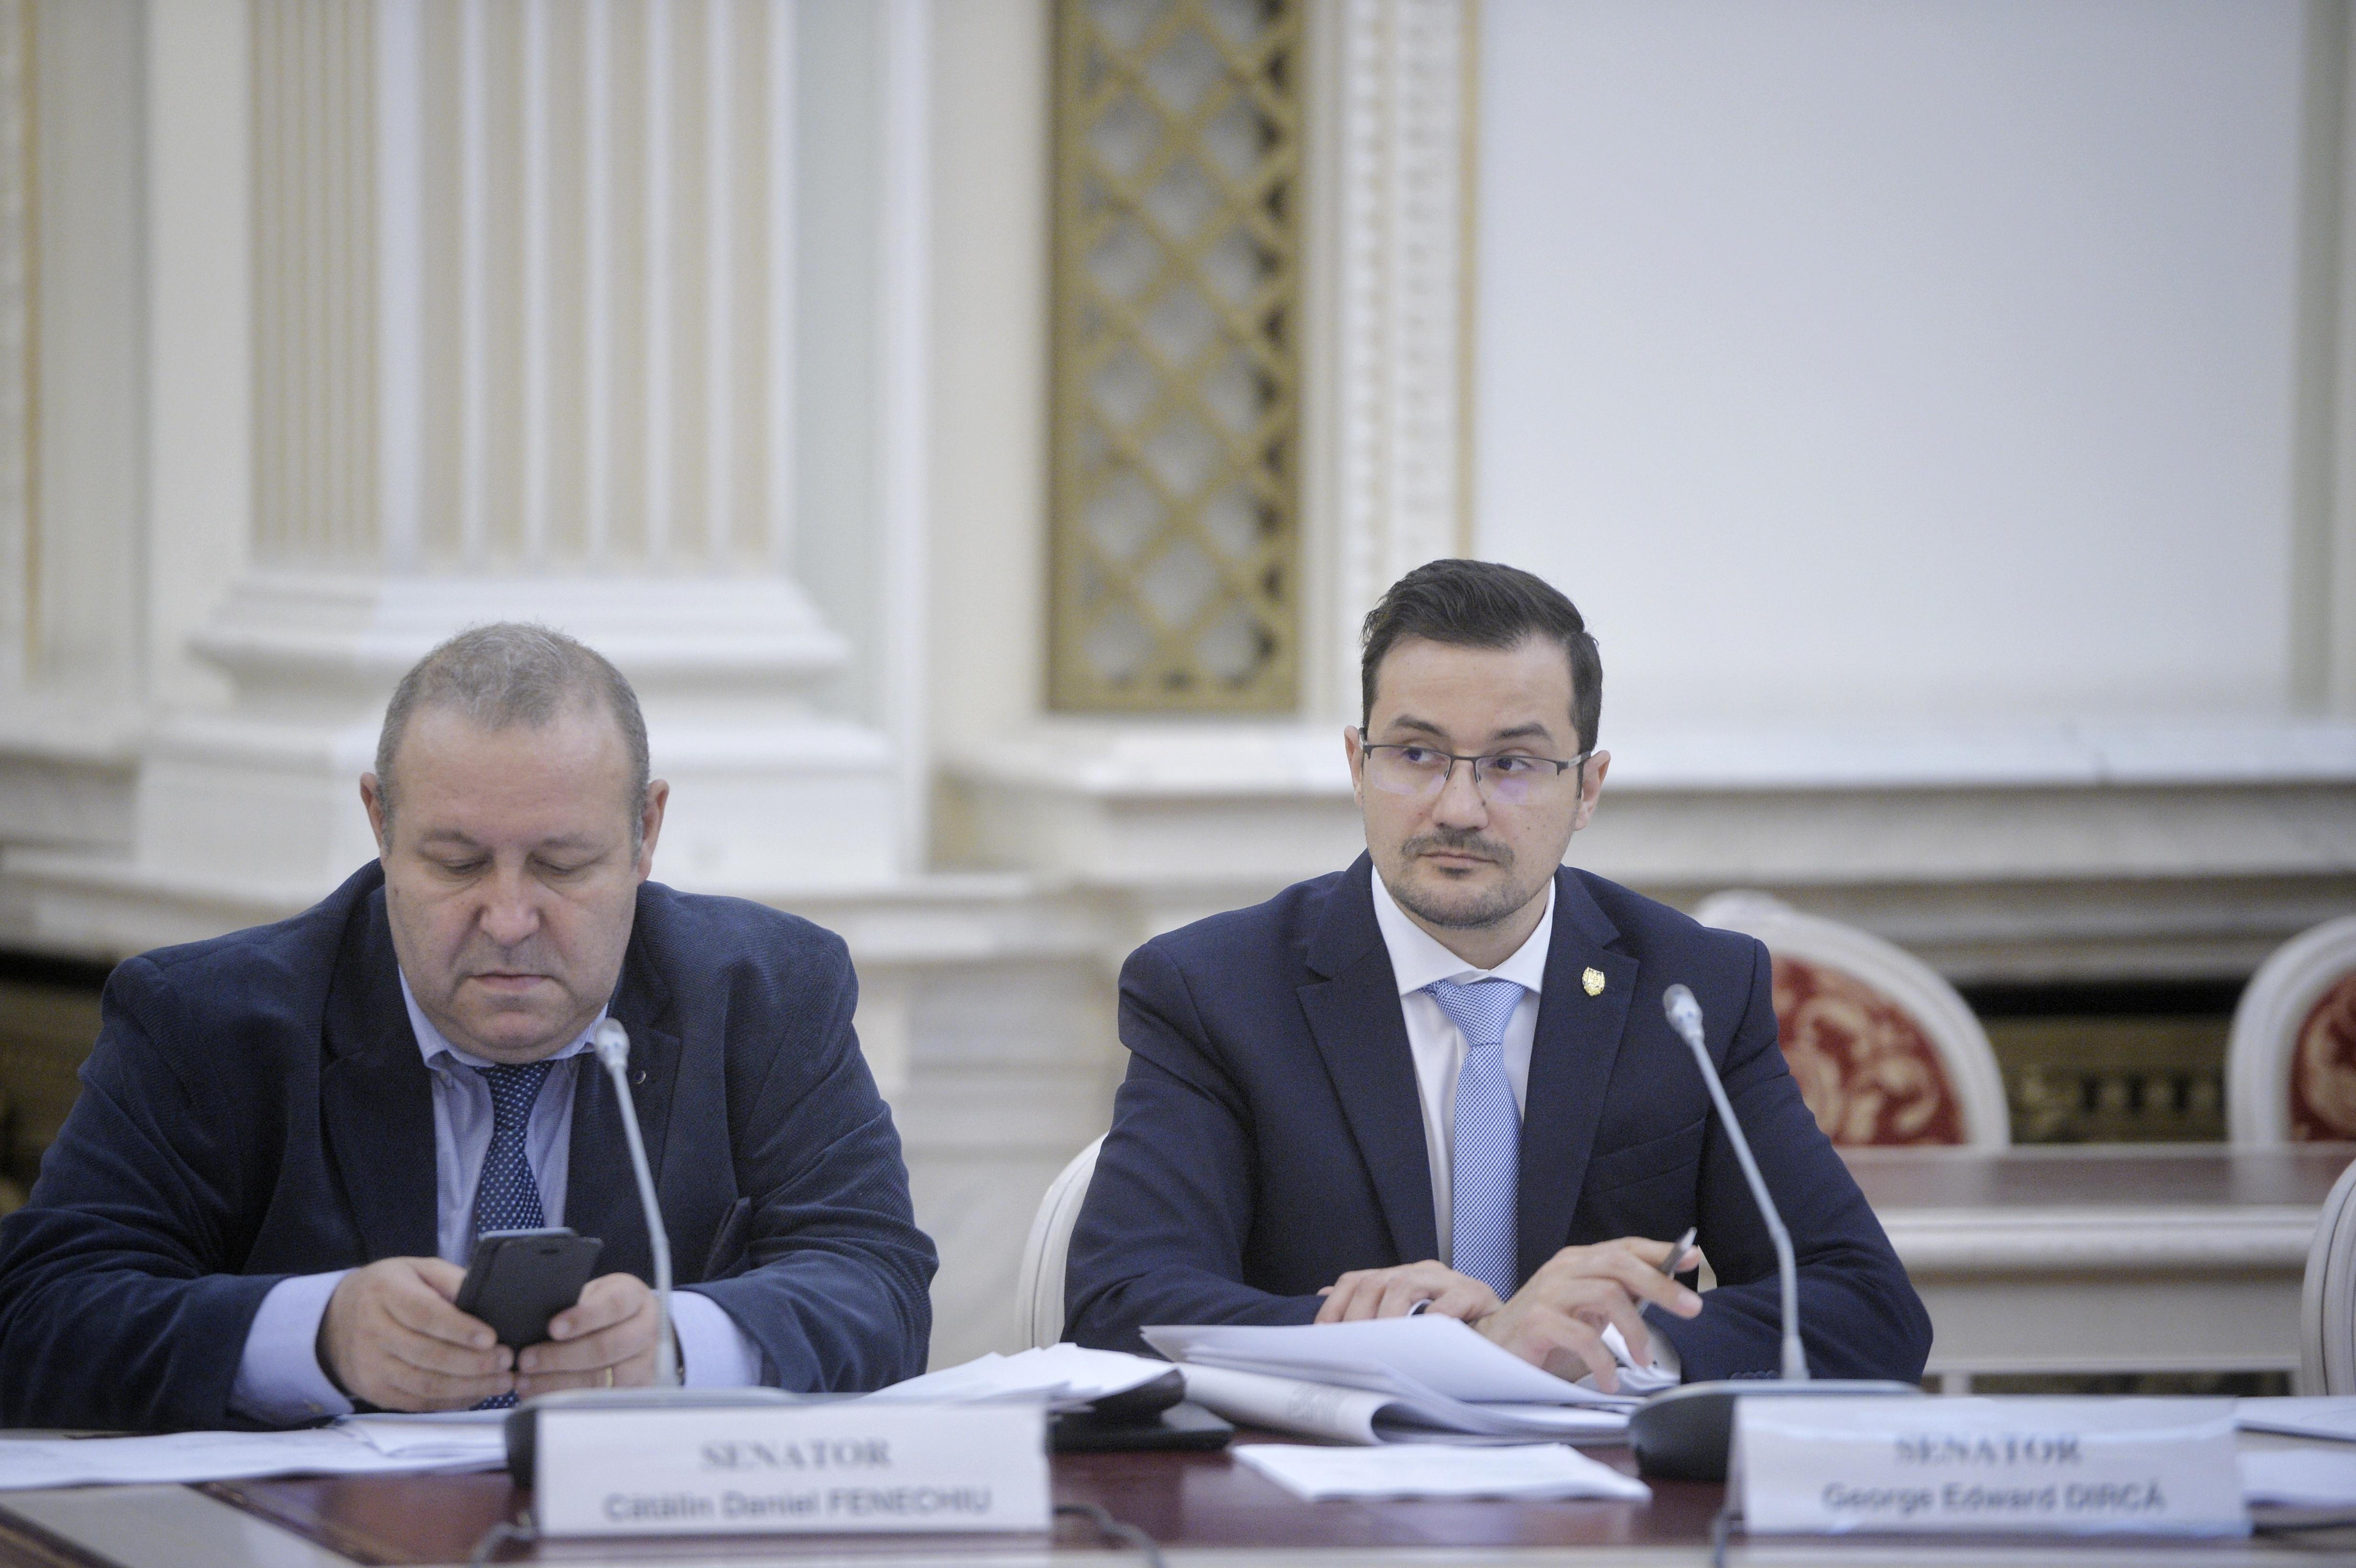 comisia-de-constitutionalitate-adopta-luni-o-opinie-pe-conflictul-pgparlament-sesizat-la-ccr